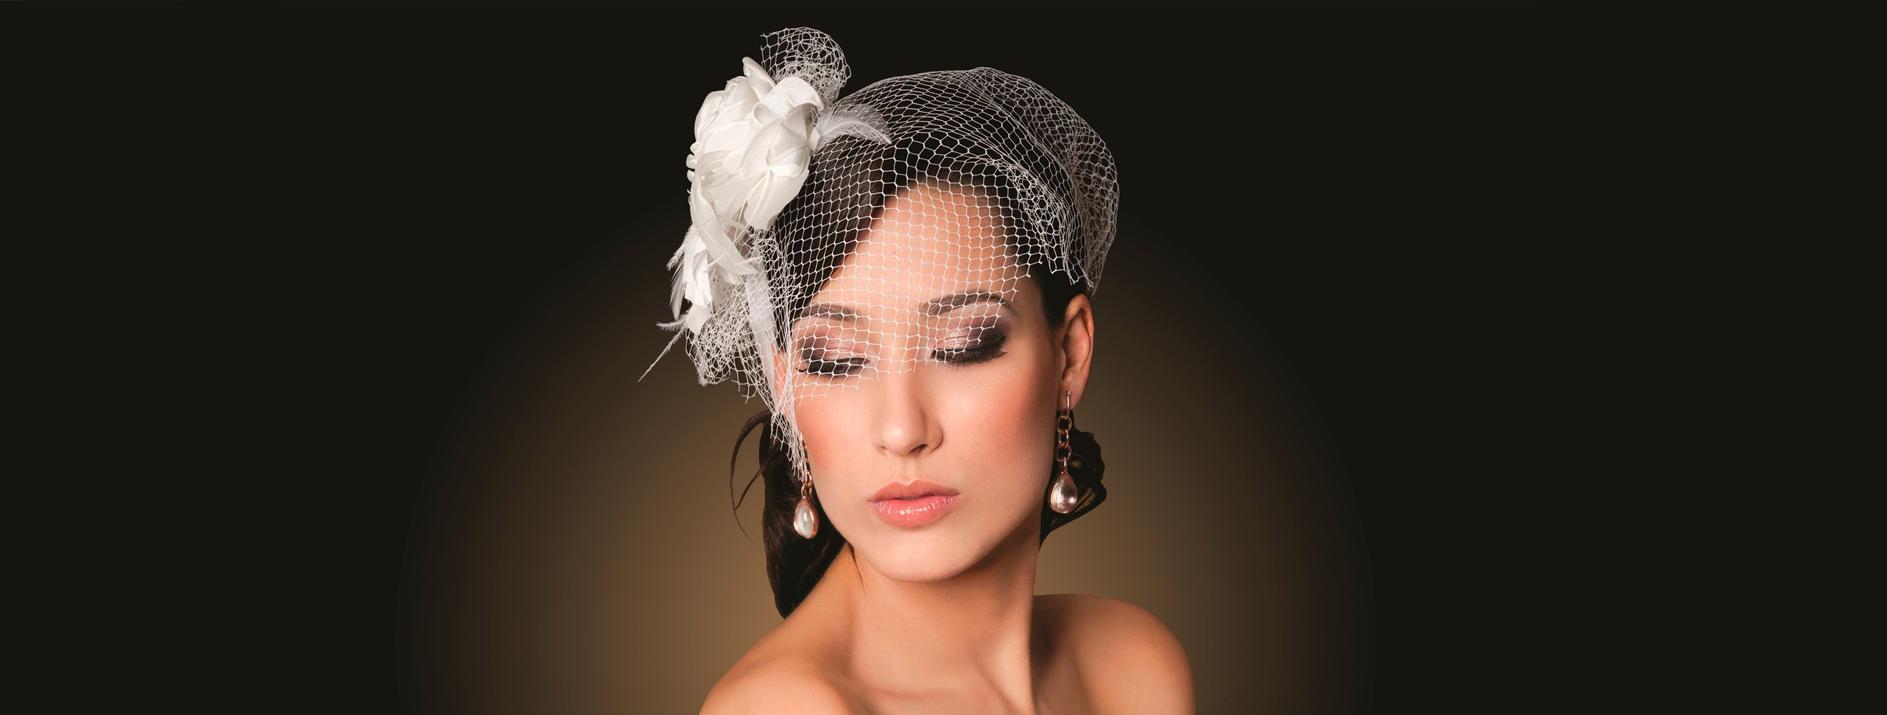 penteado-e-maquiagem-para-noivas-meri-rocha-02